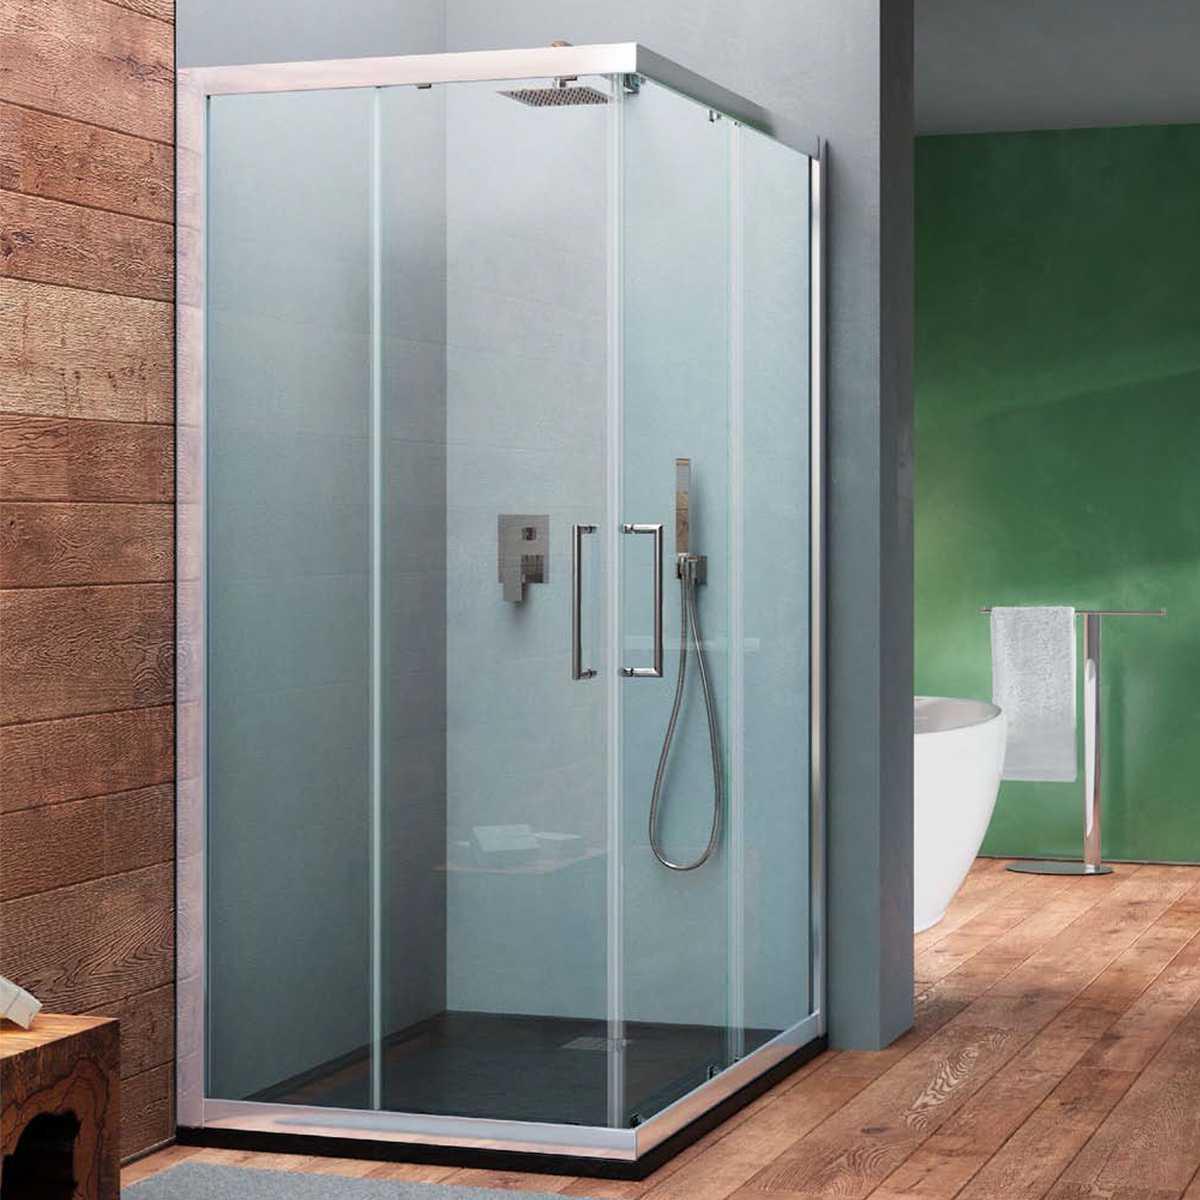 Box doccia angolare scorrevole Minerva 120x70  in cristallo trasparente 6 mm